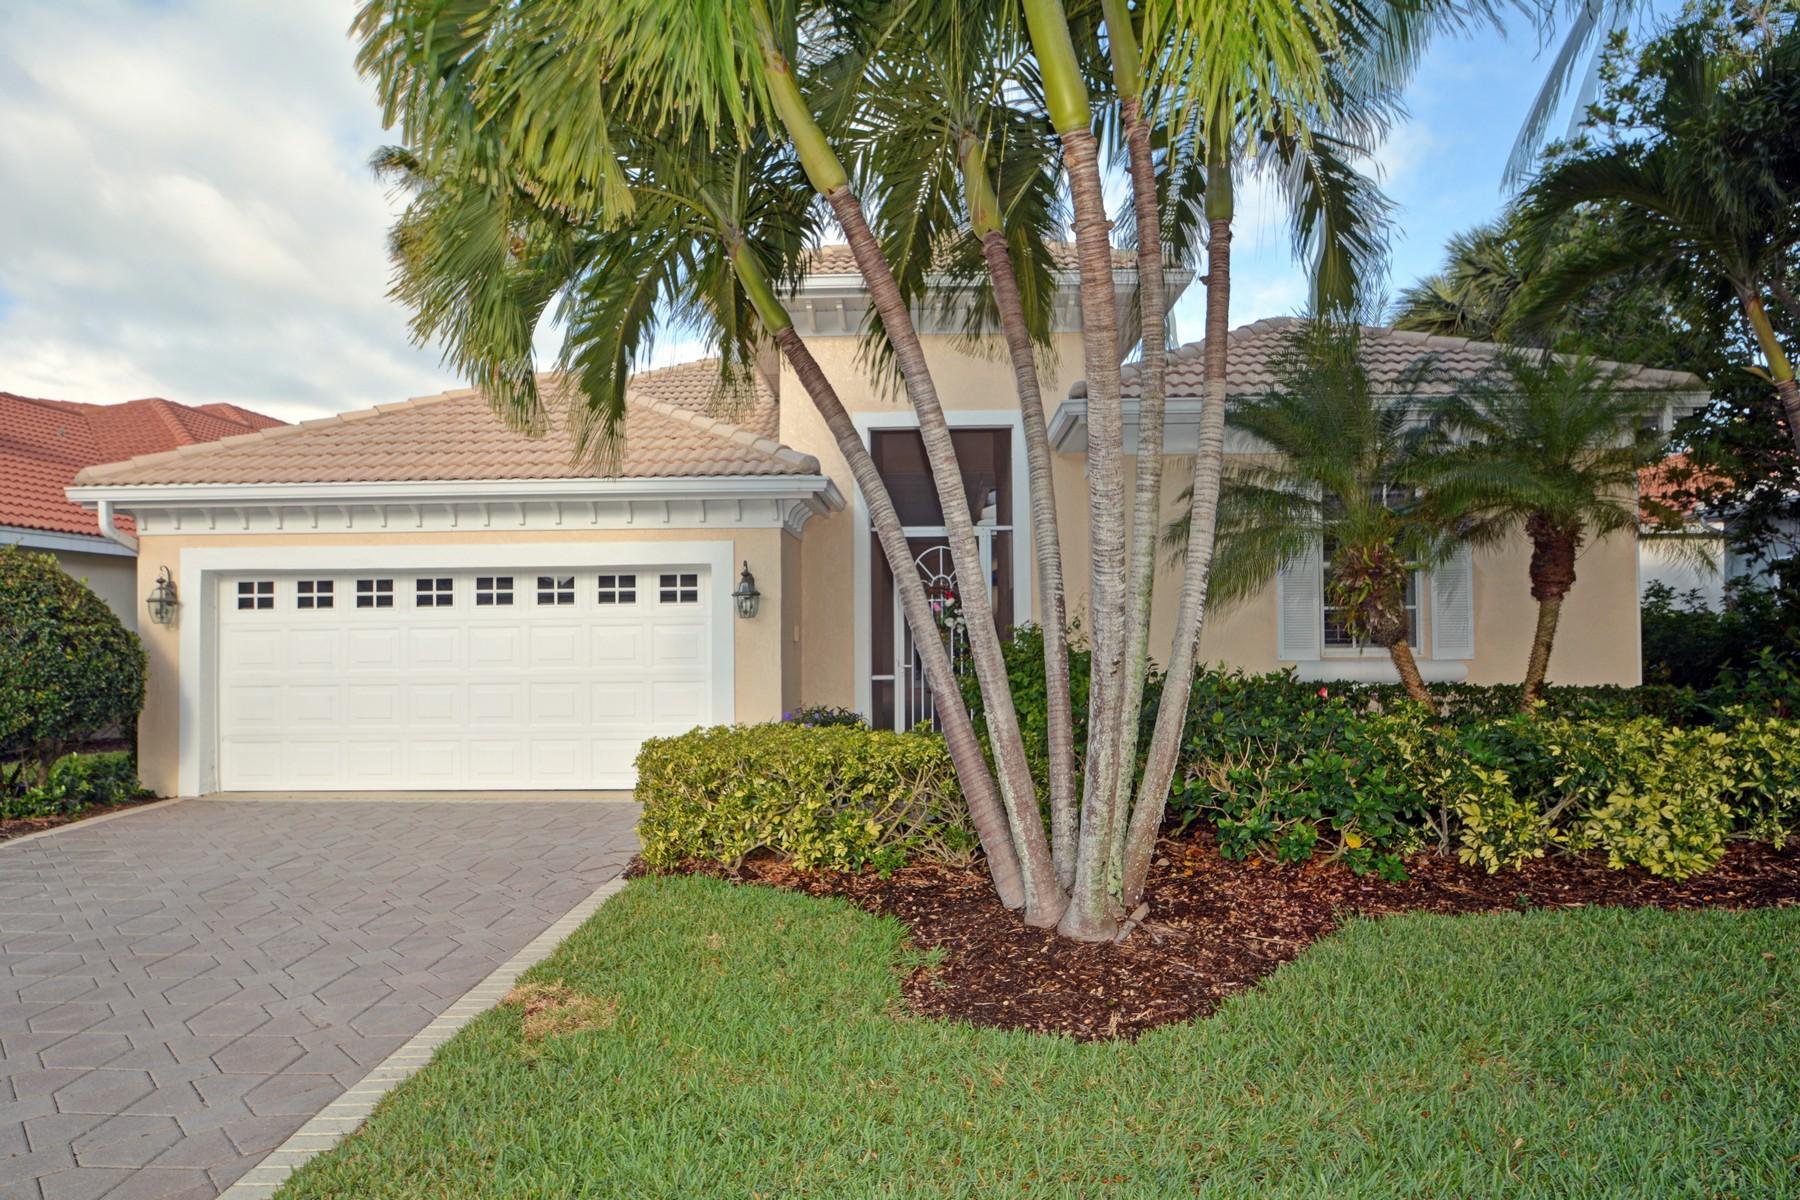 Casa para uma família para Venda às Move in Ready, Contemporary CBS Home w/Pool on Lake 958 Island Club Square Vero Beach, Florida, 32963 Estados Unidos